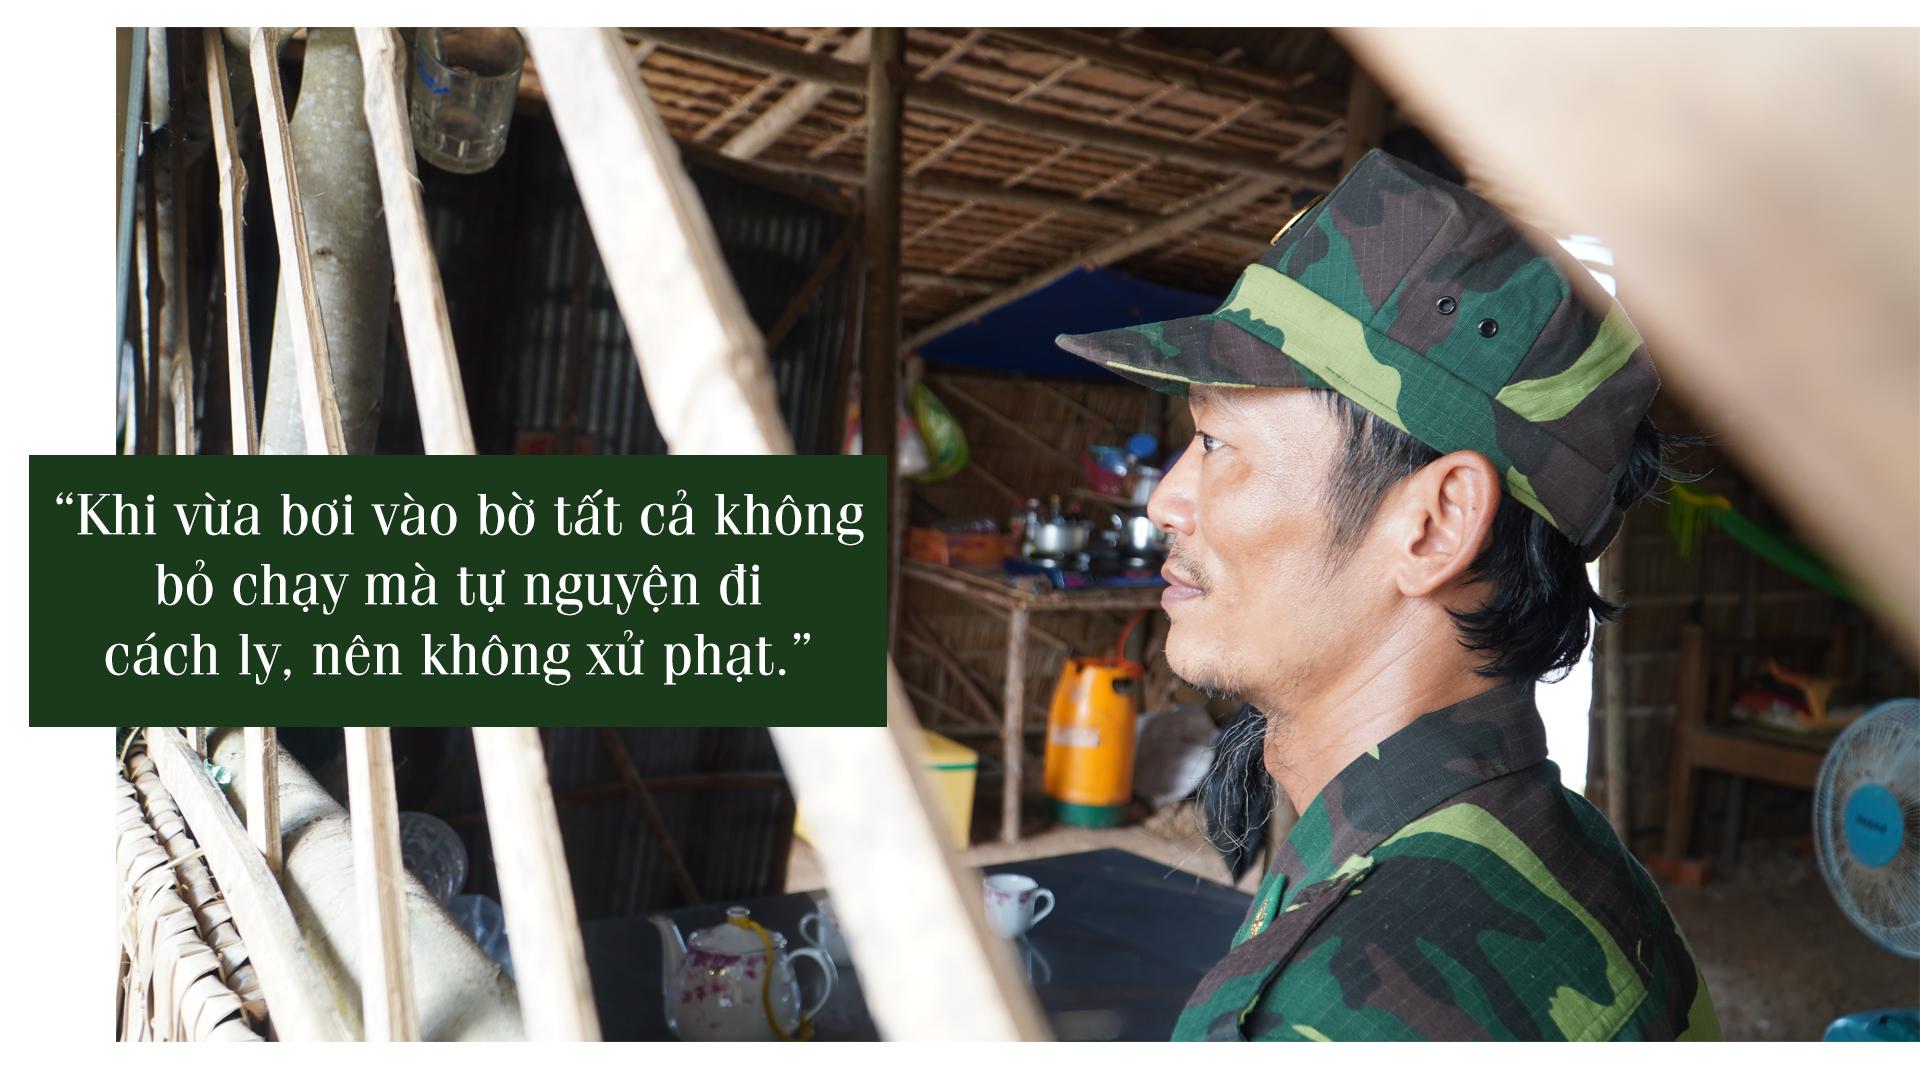 Tâm sự của chiến sĩ biên giới Tây Nam những ngày chống dịch - ảnh 16